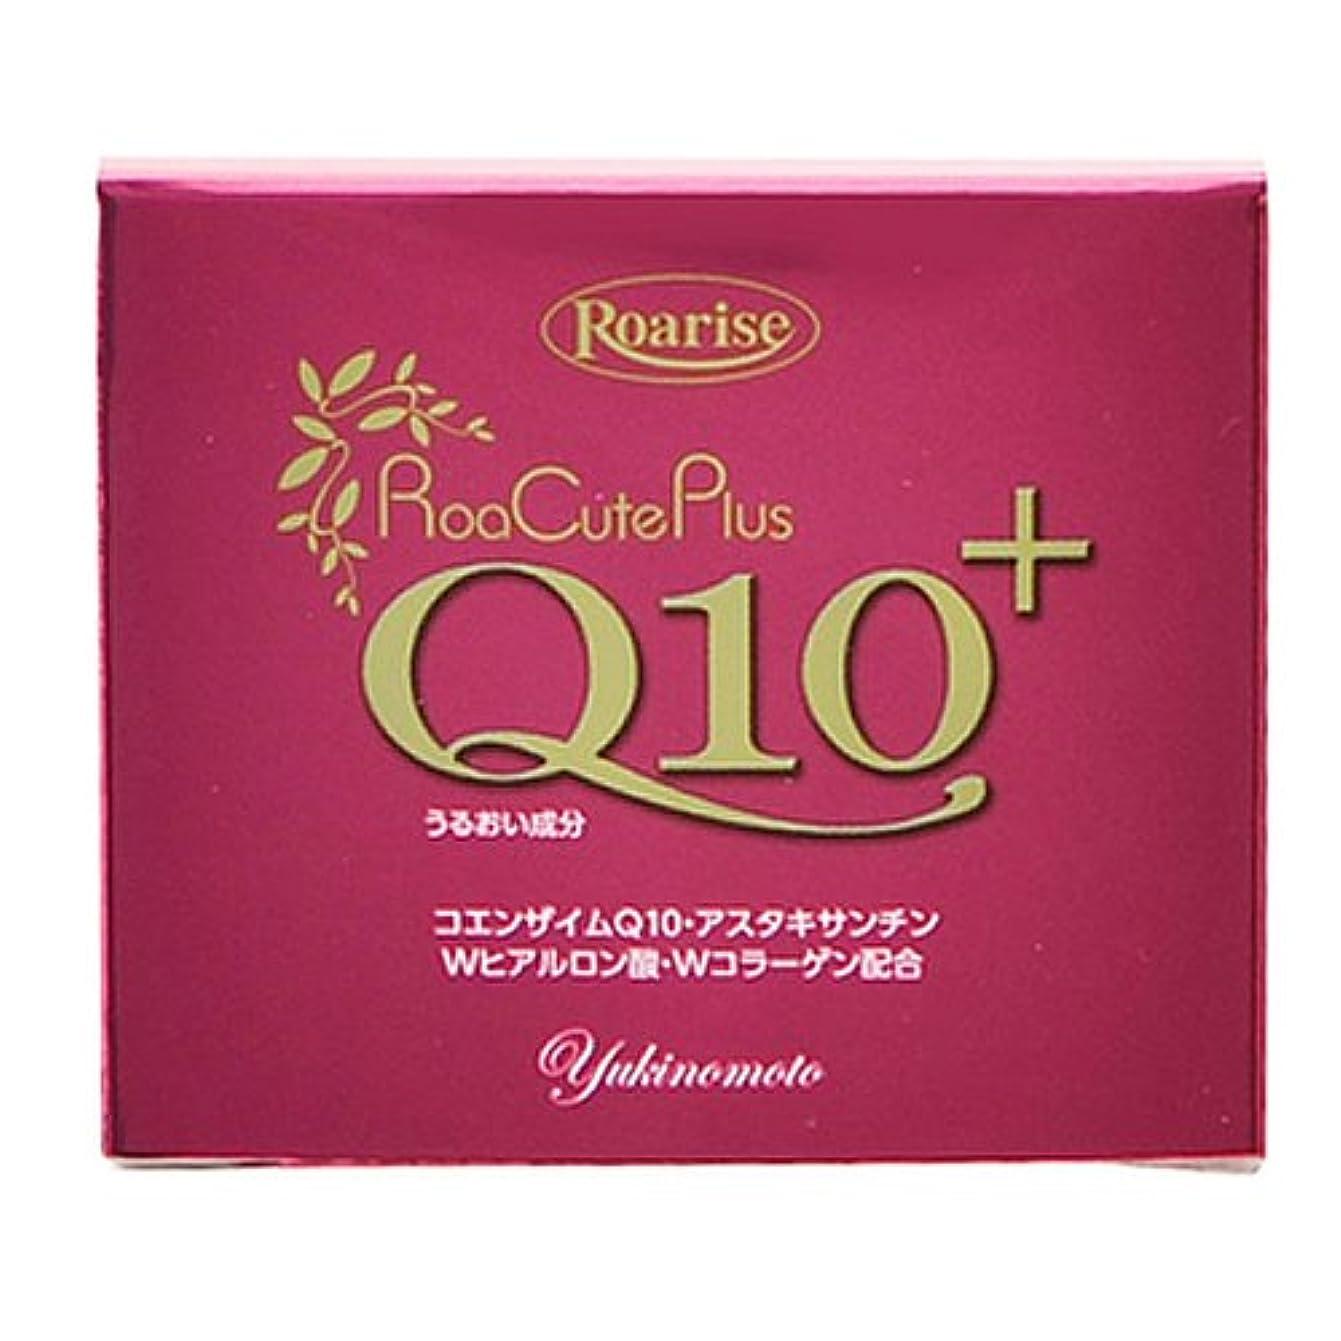 タクト石膏精算薬用ロアキュートプラス Q10+ 50g 医薬部外品